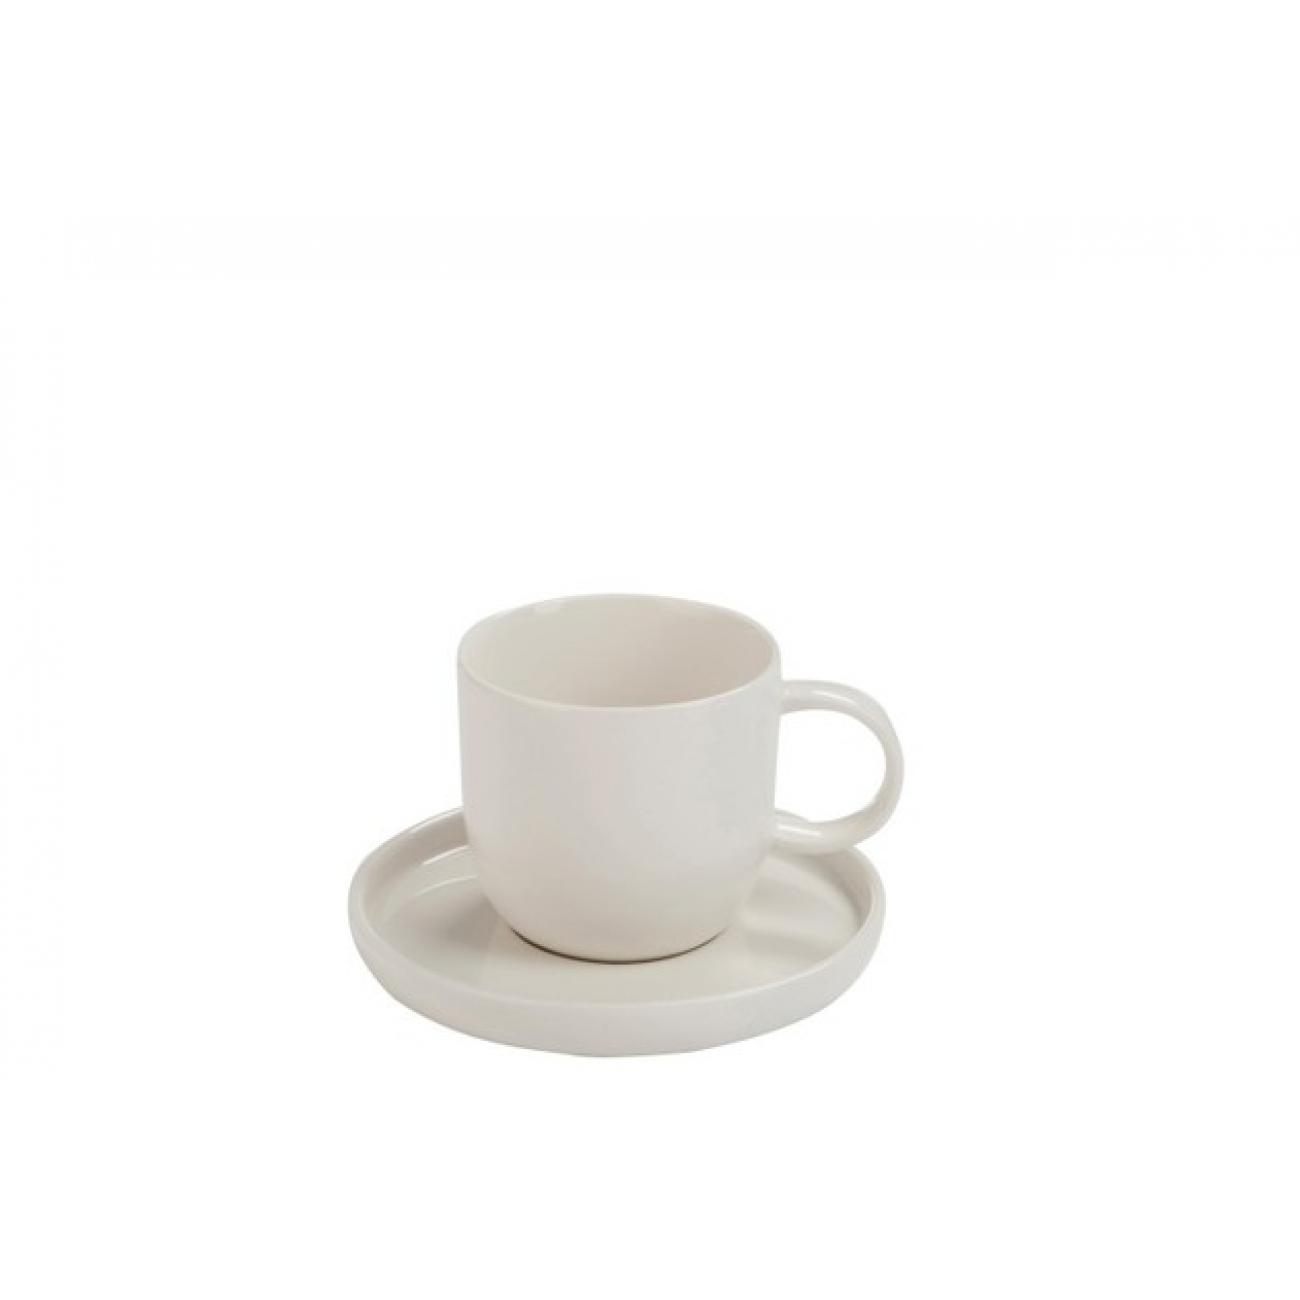 Фарфоровая чашка с блюдцем J-LINE белого цвета 250 мл